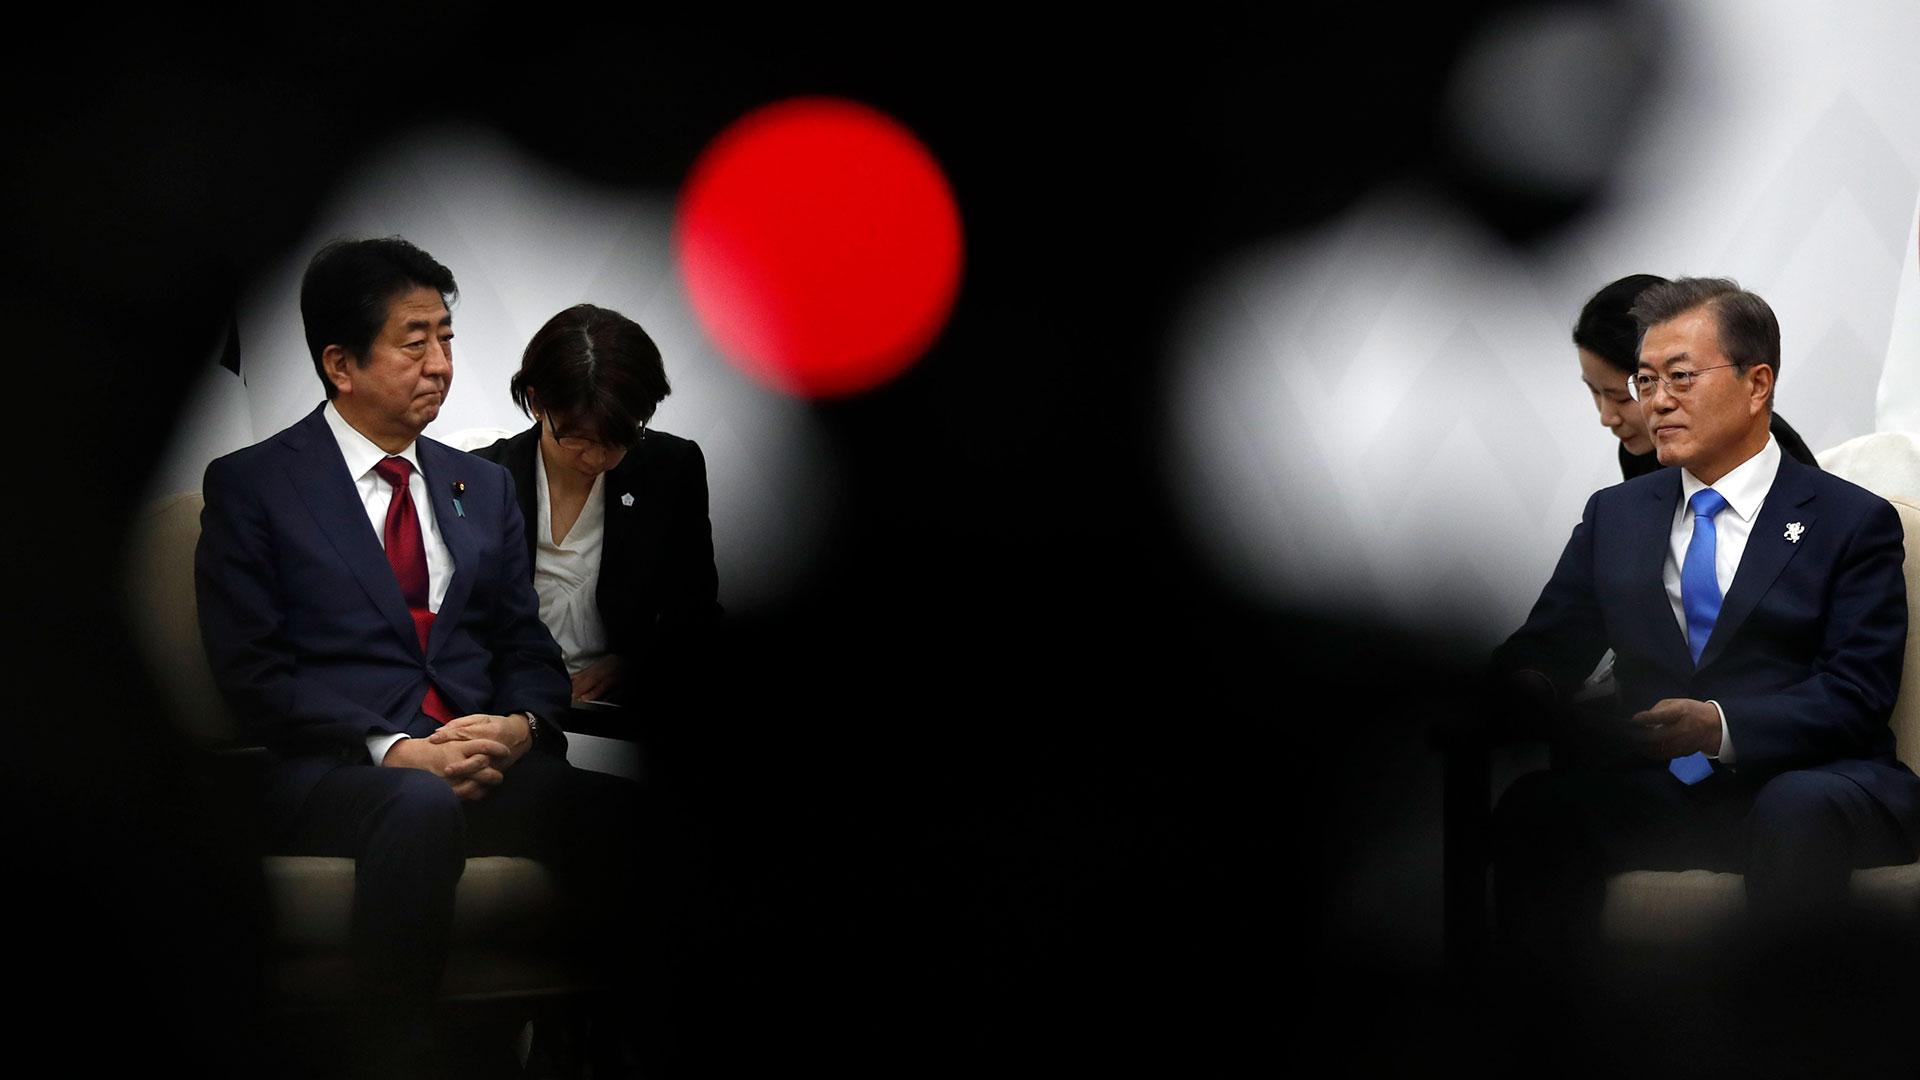 ژاپن در تحریم کره جنوبی یک ماده مورد نیاز سامسونگ را مستثنی کرد